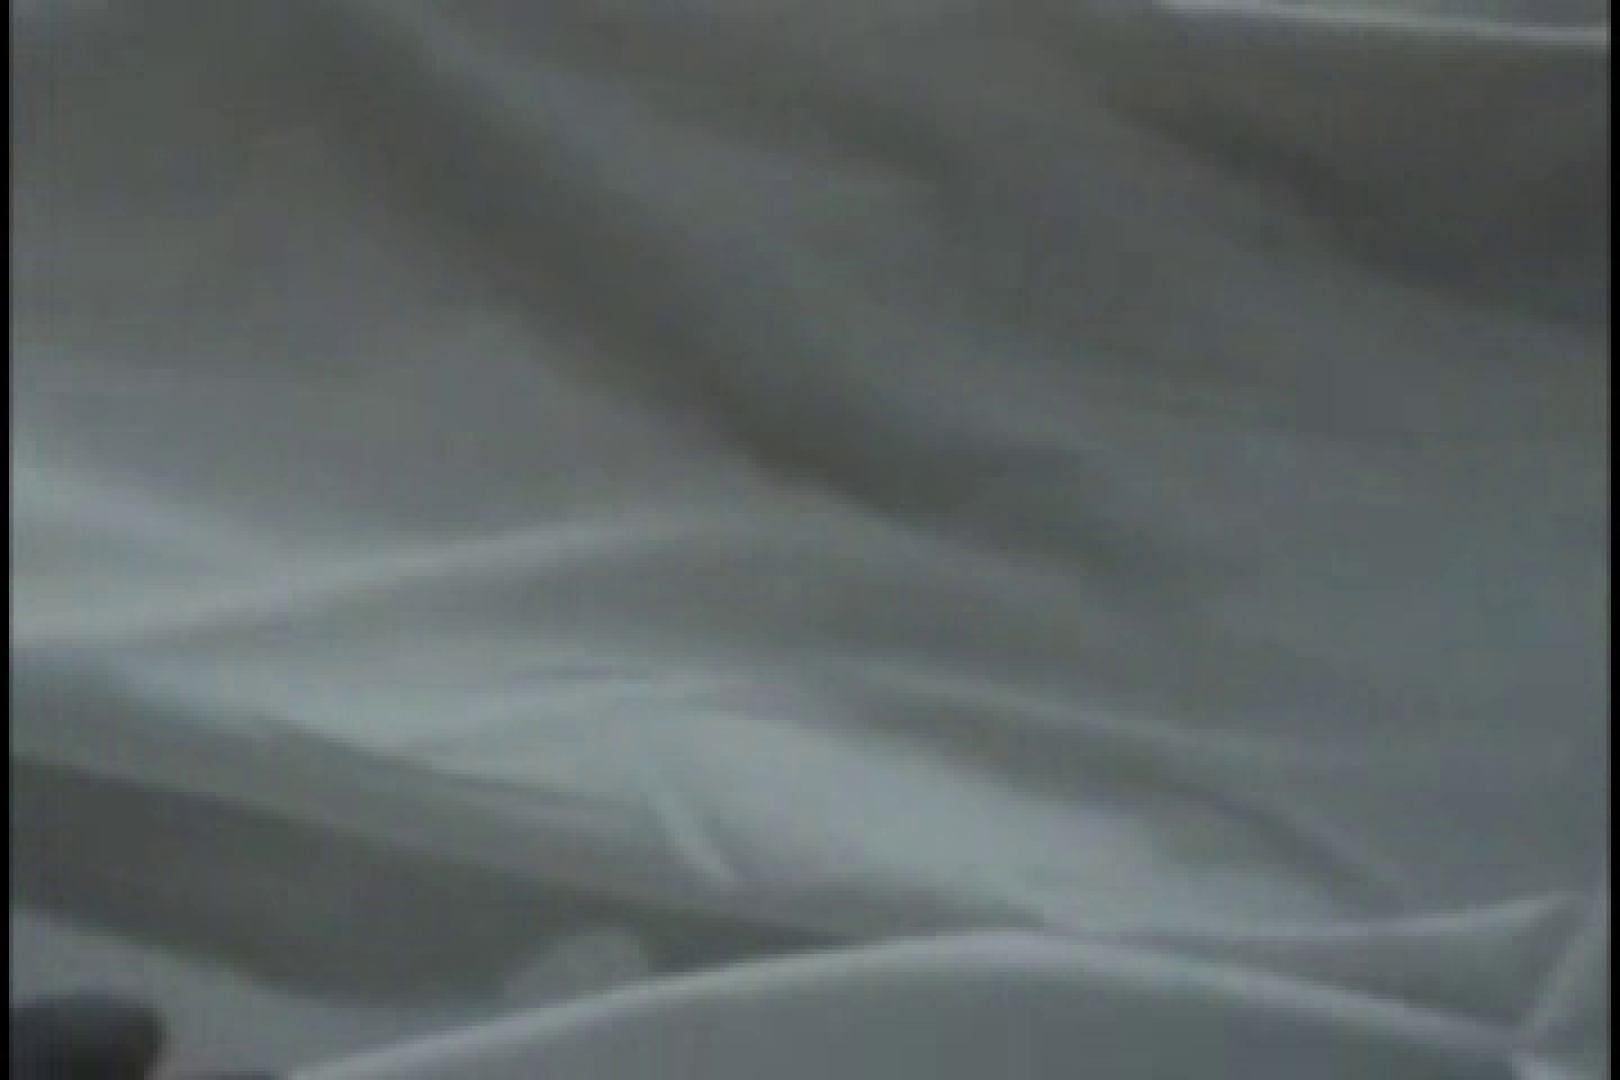 夢撮!!もぎ撮り悪戯一本勝負!! In the world NO.5 ゲイ悪戯 ゲイアダルトビデオ画像 83pic 26